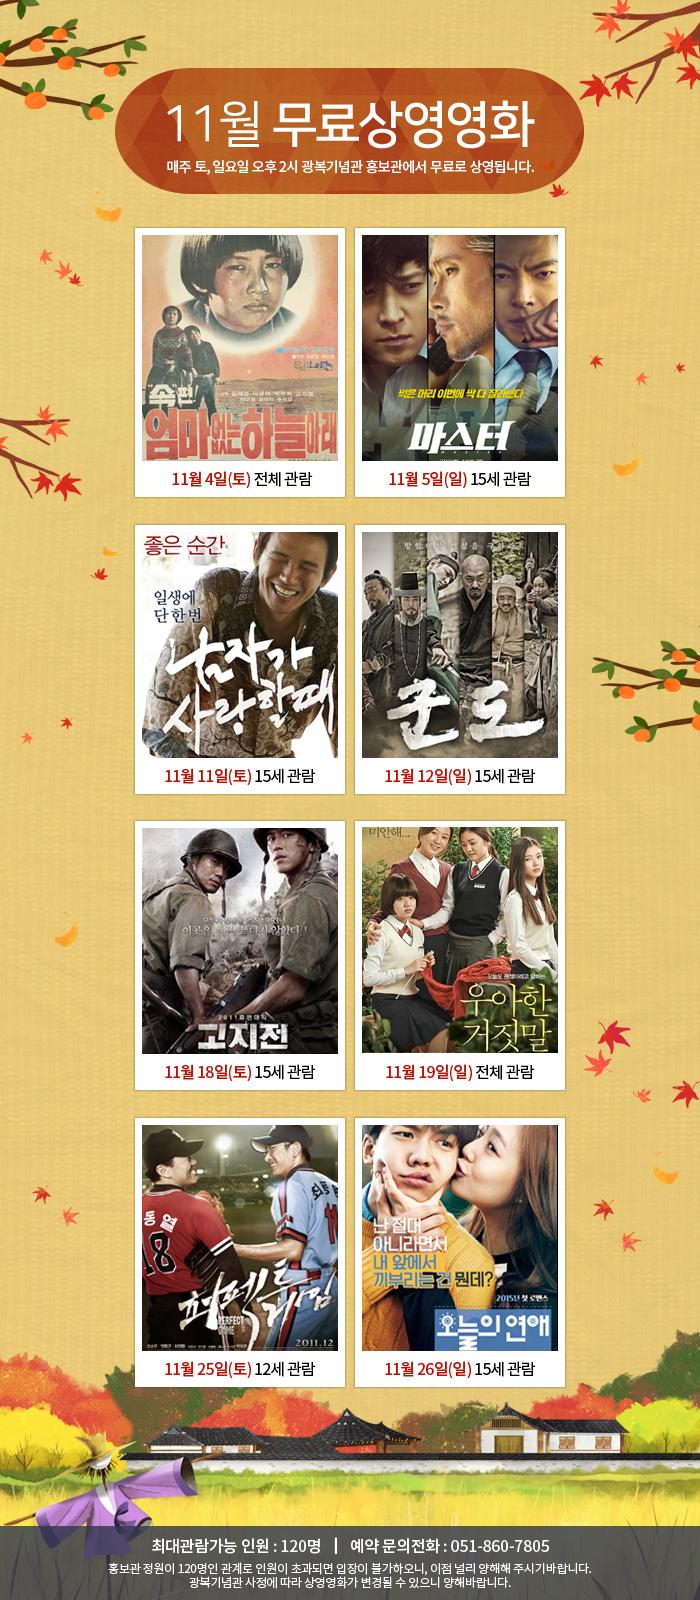 광복기념관 무료영화상영 안내(2017년 11월) 이미지1번째